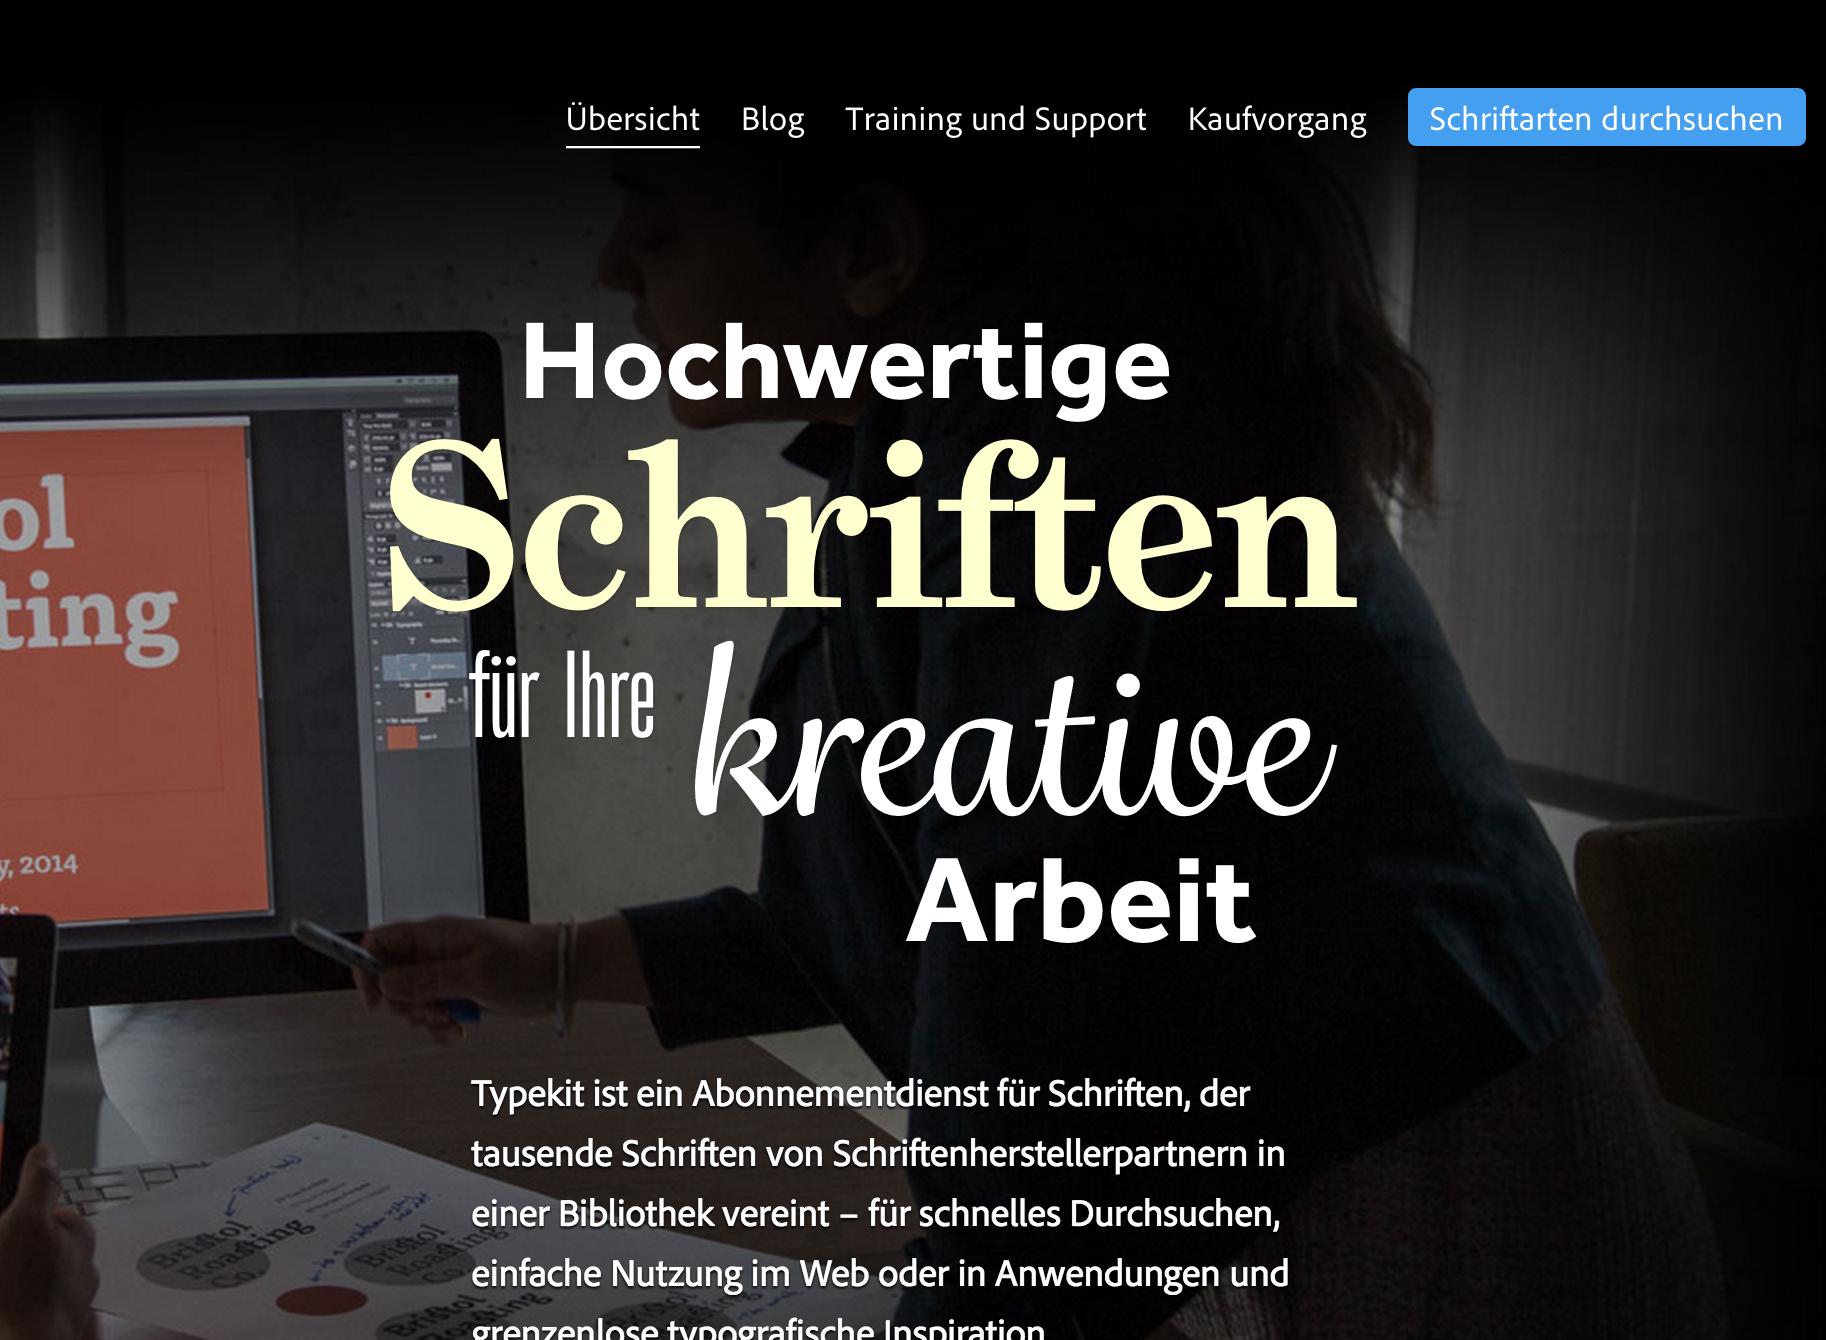 Typekit homepage in German translation